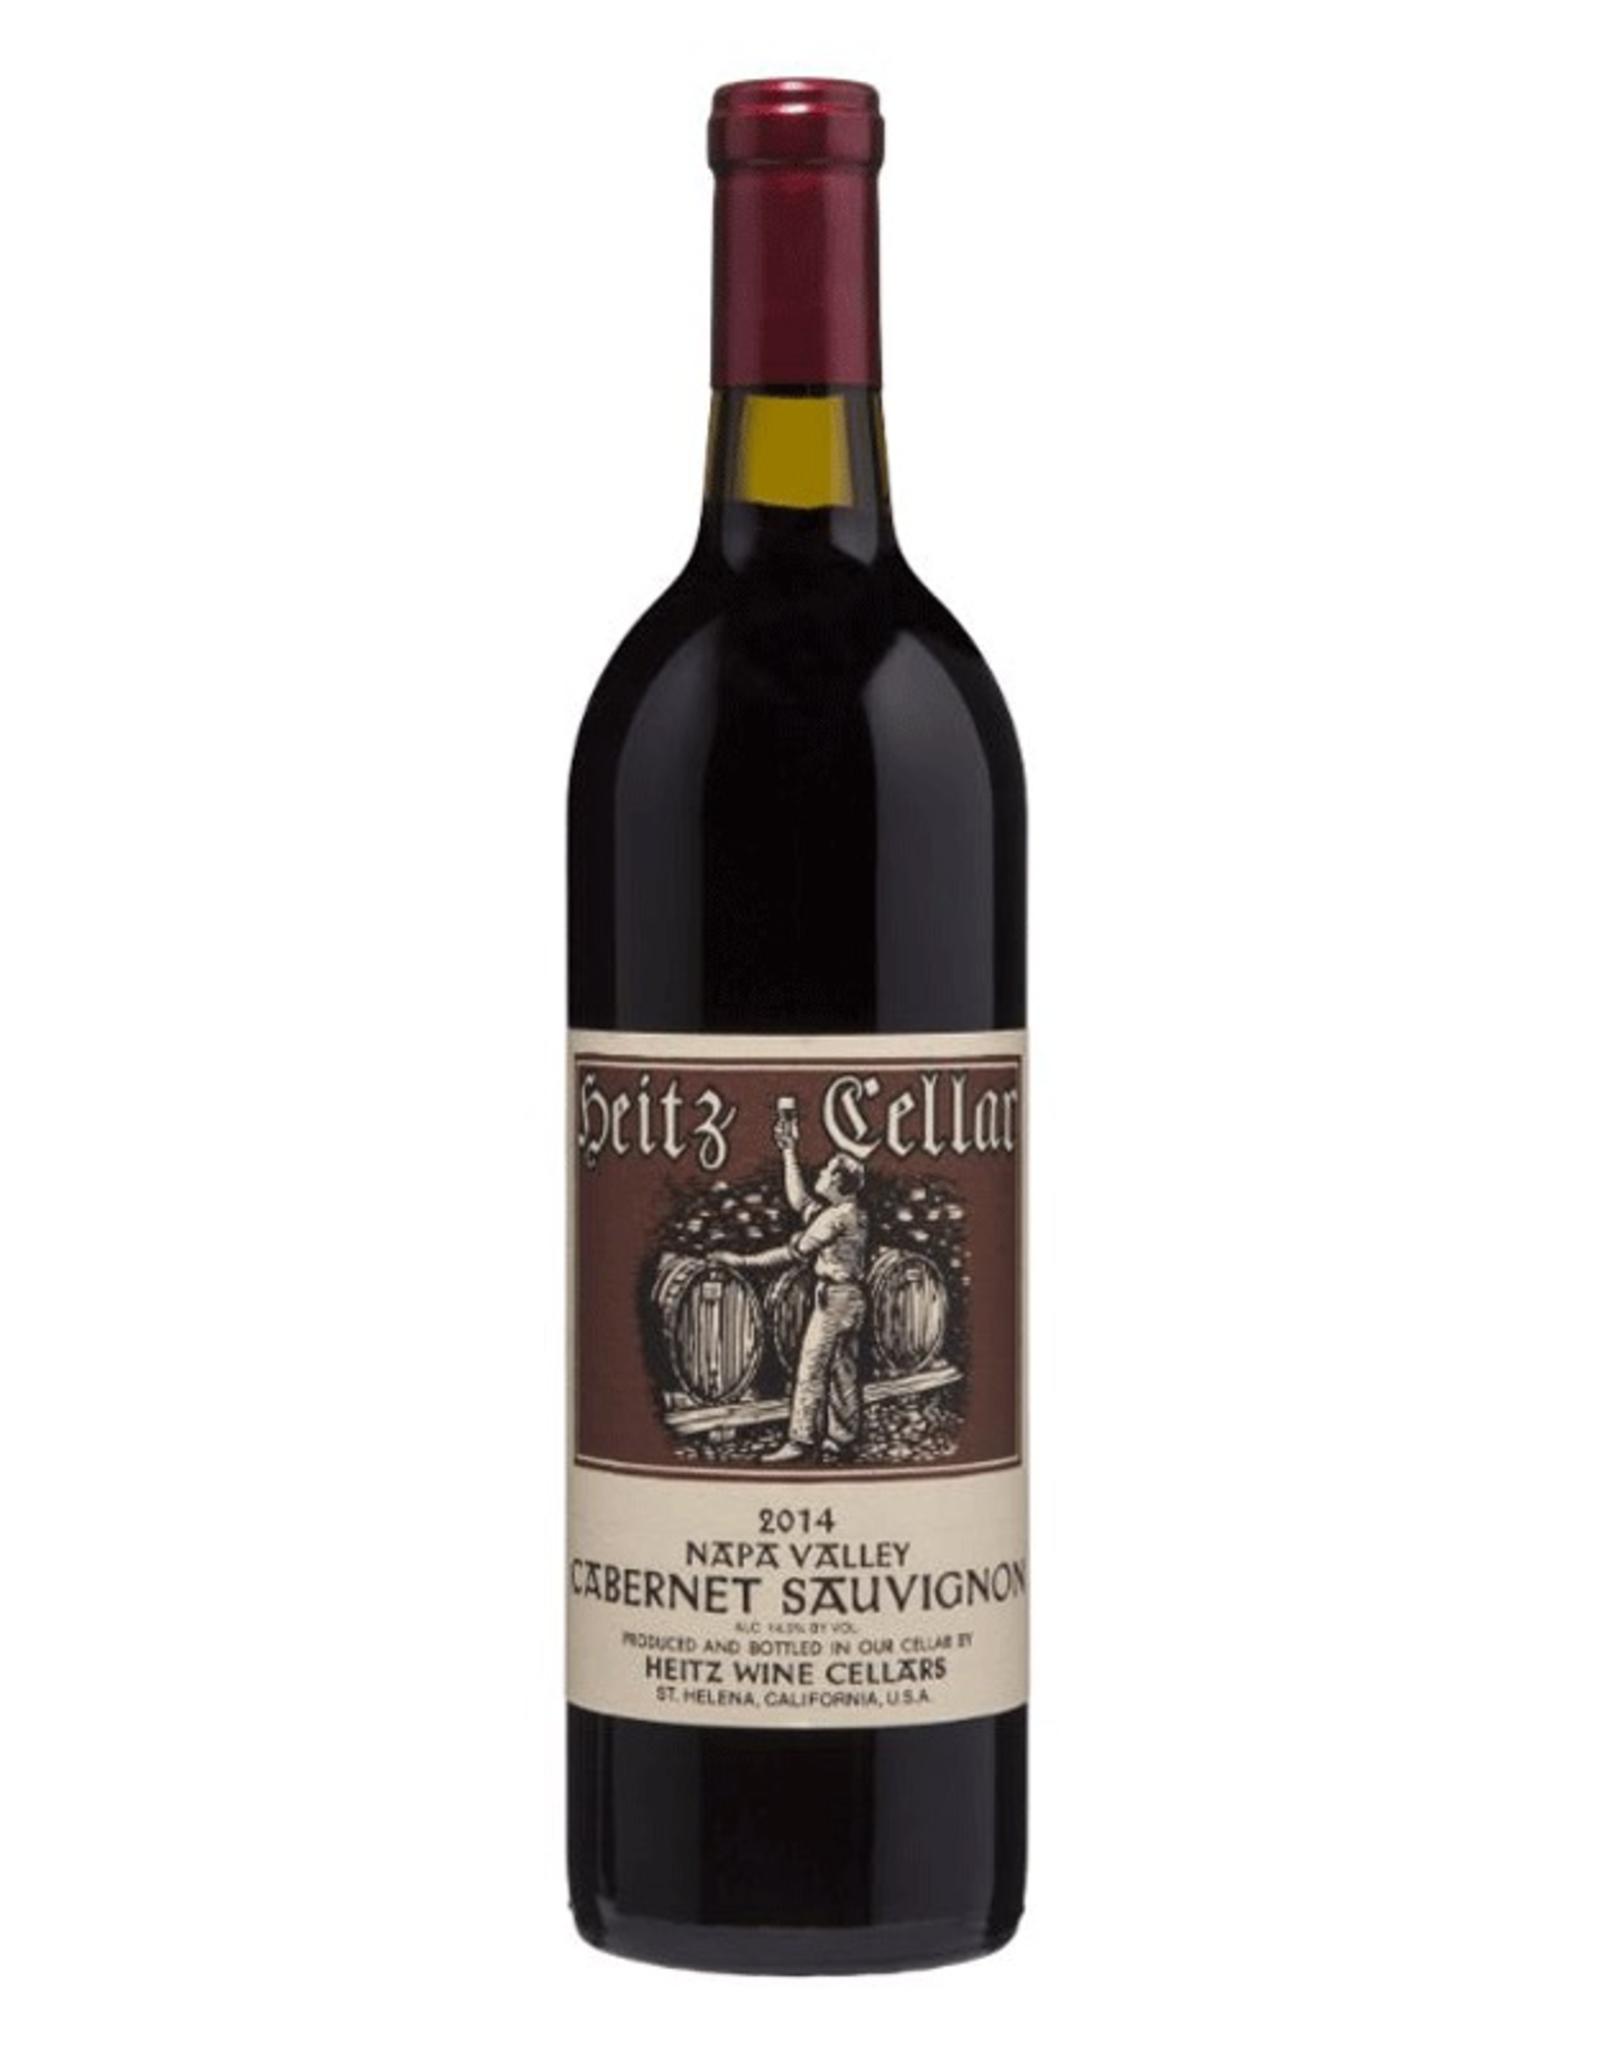 Red Wine 2015, Heitz Cellars, Cabernet Sauvignon, Multi AVA, Napa Valley, California, 14.5% Alc, Ctna